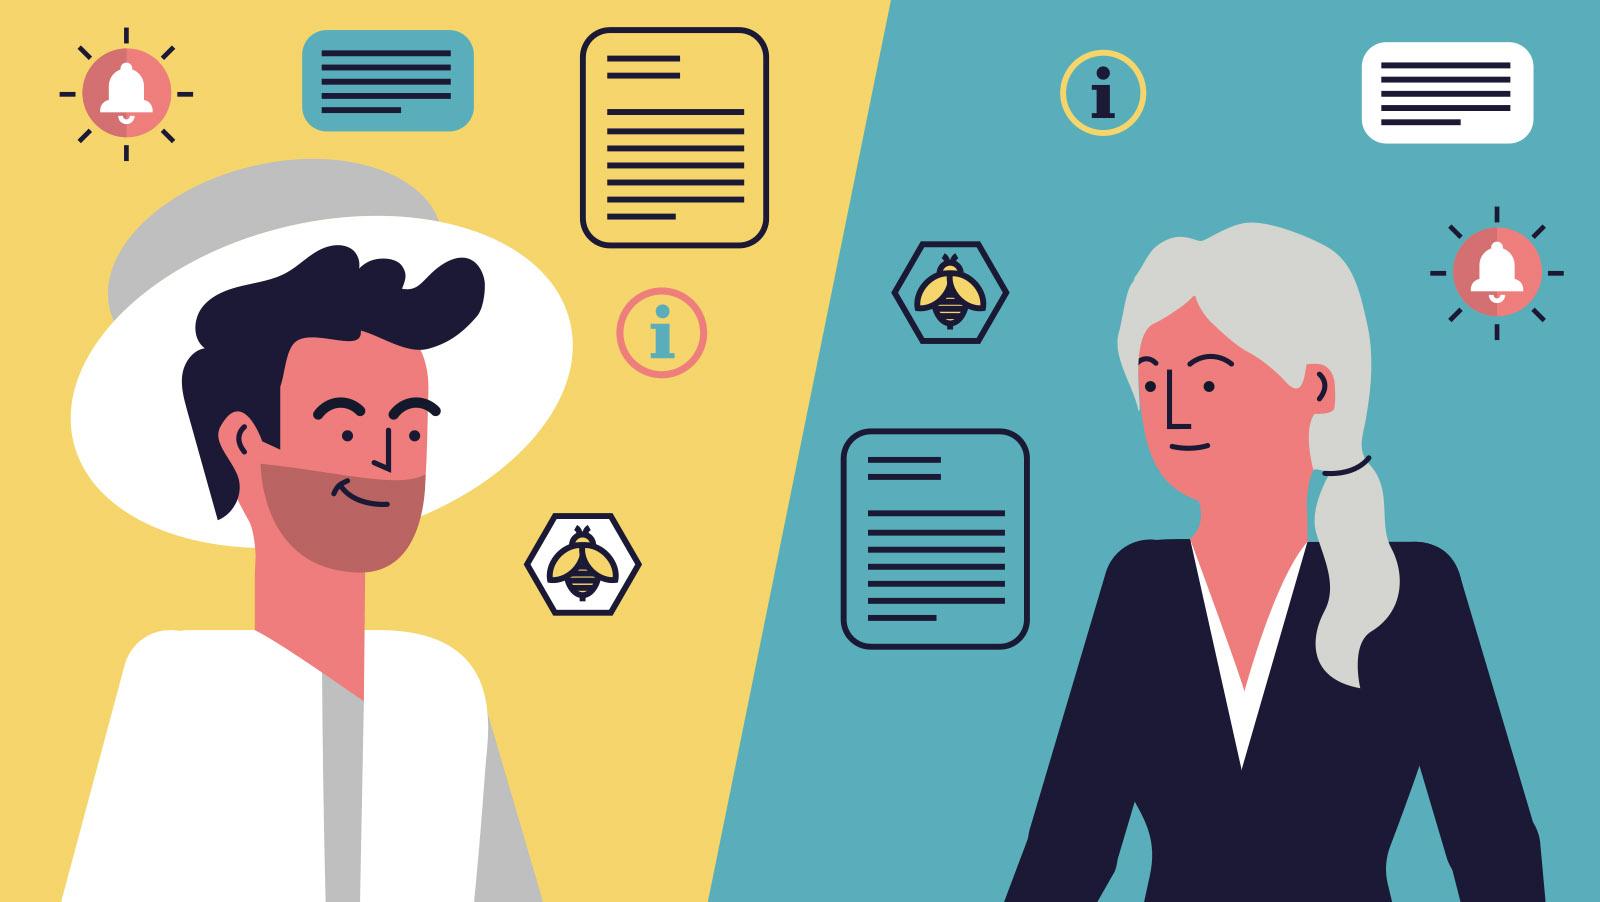 Bee2keeper video animado, ilustracion de pictogramas, apicultor y mujer de servicios sociales